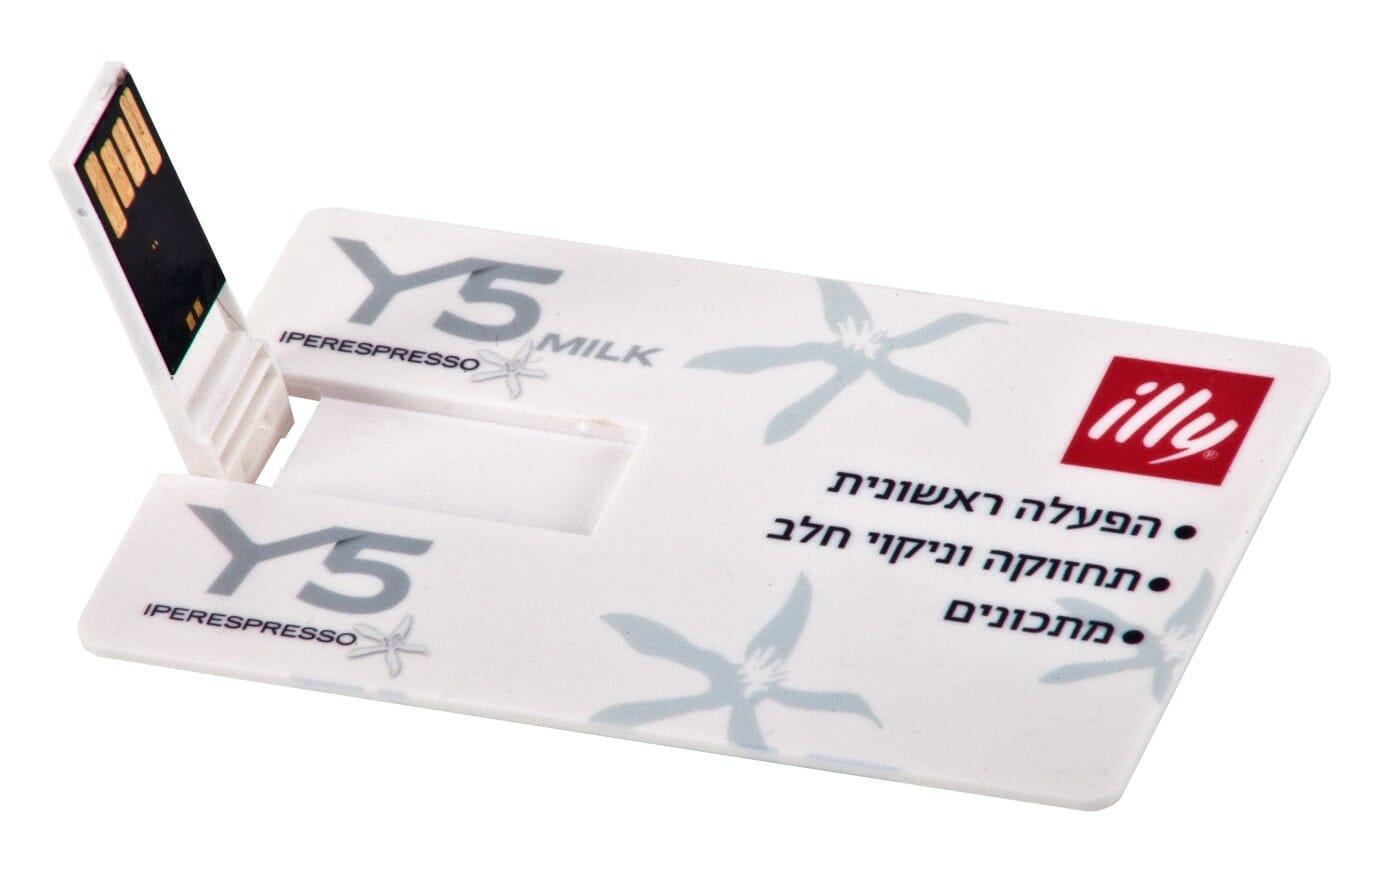 דיסק און קי בצורת כרטיס אשראי